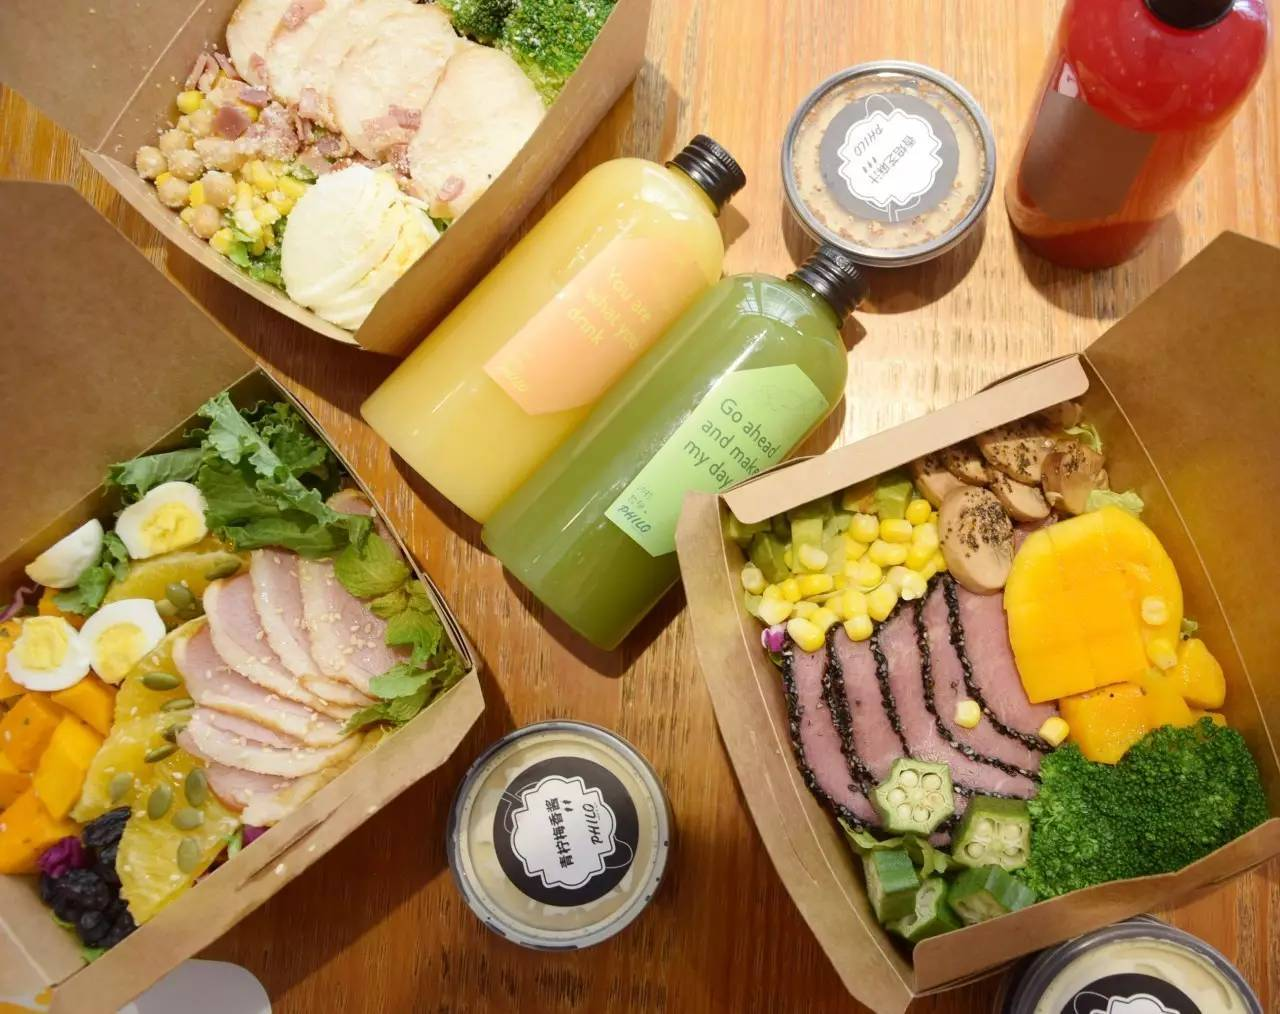 【惠人】蔬果汁的搭配与功效大全分享,享受自然... _手机搜狐网